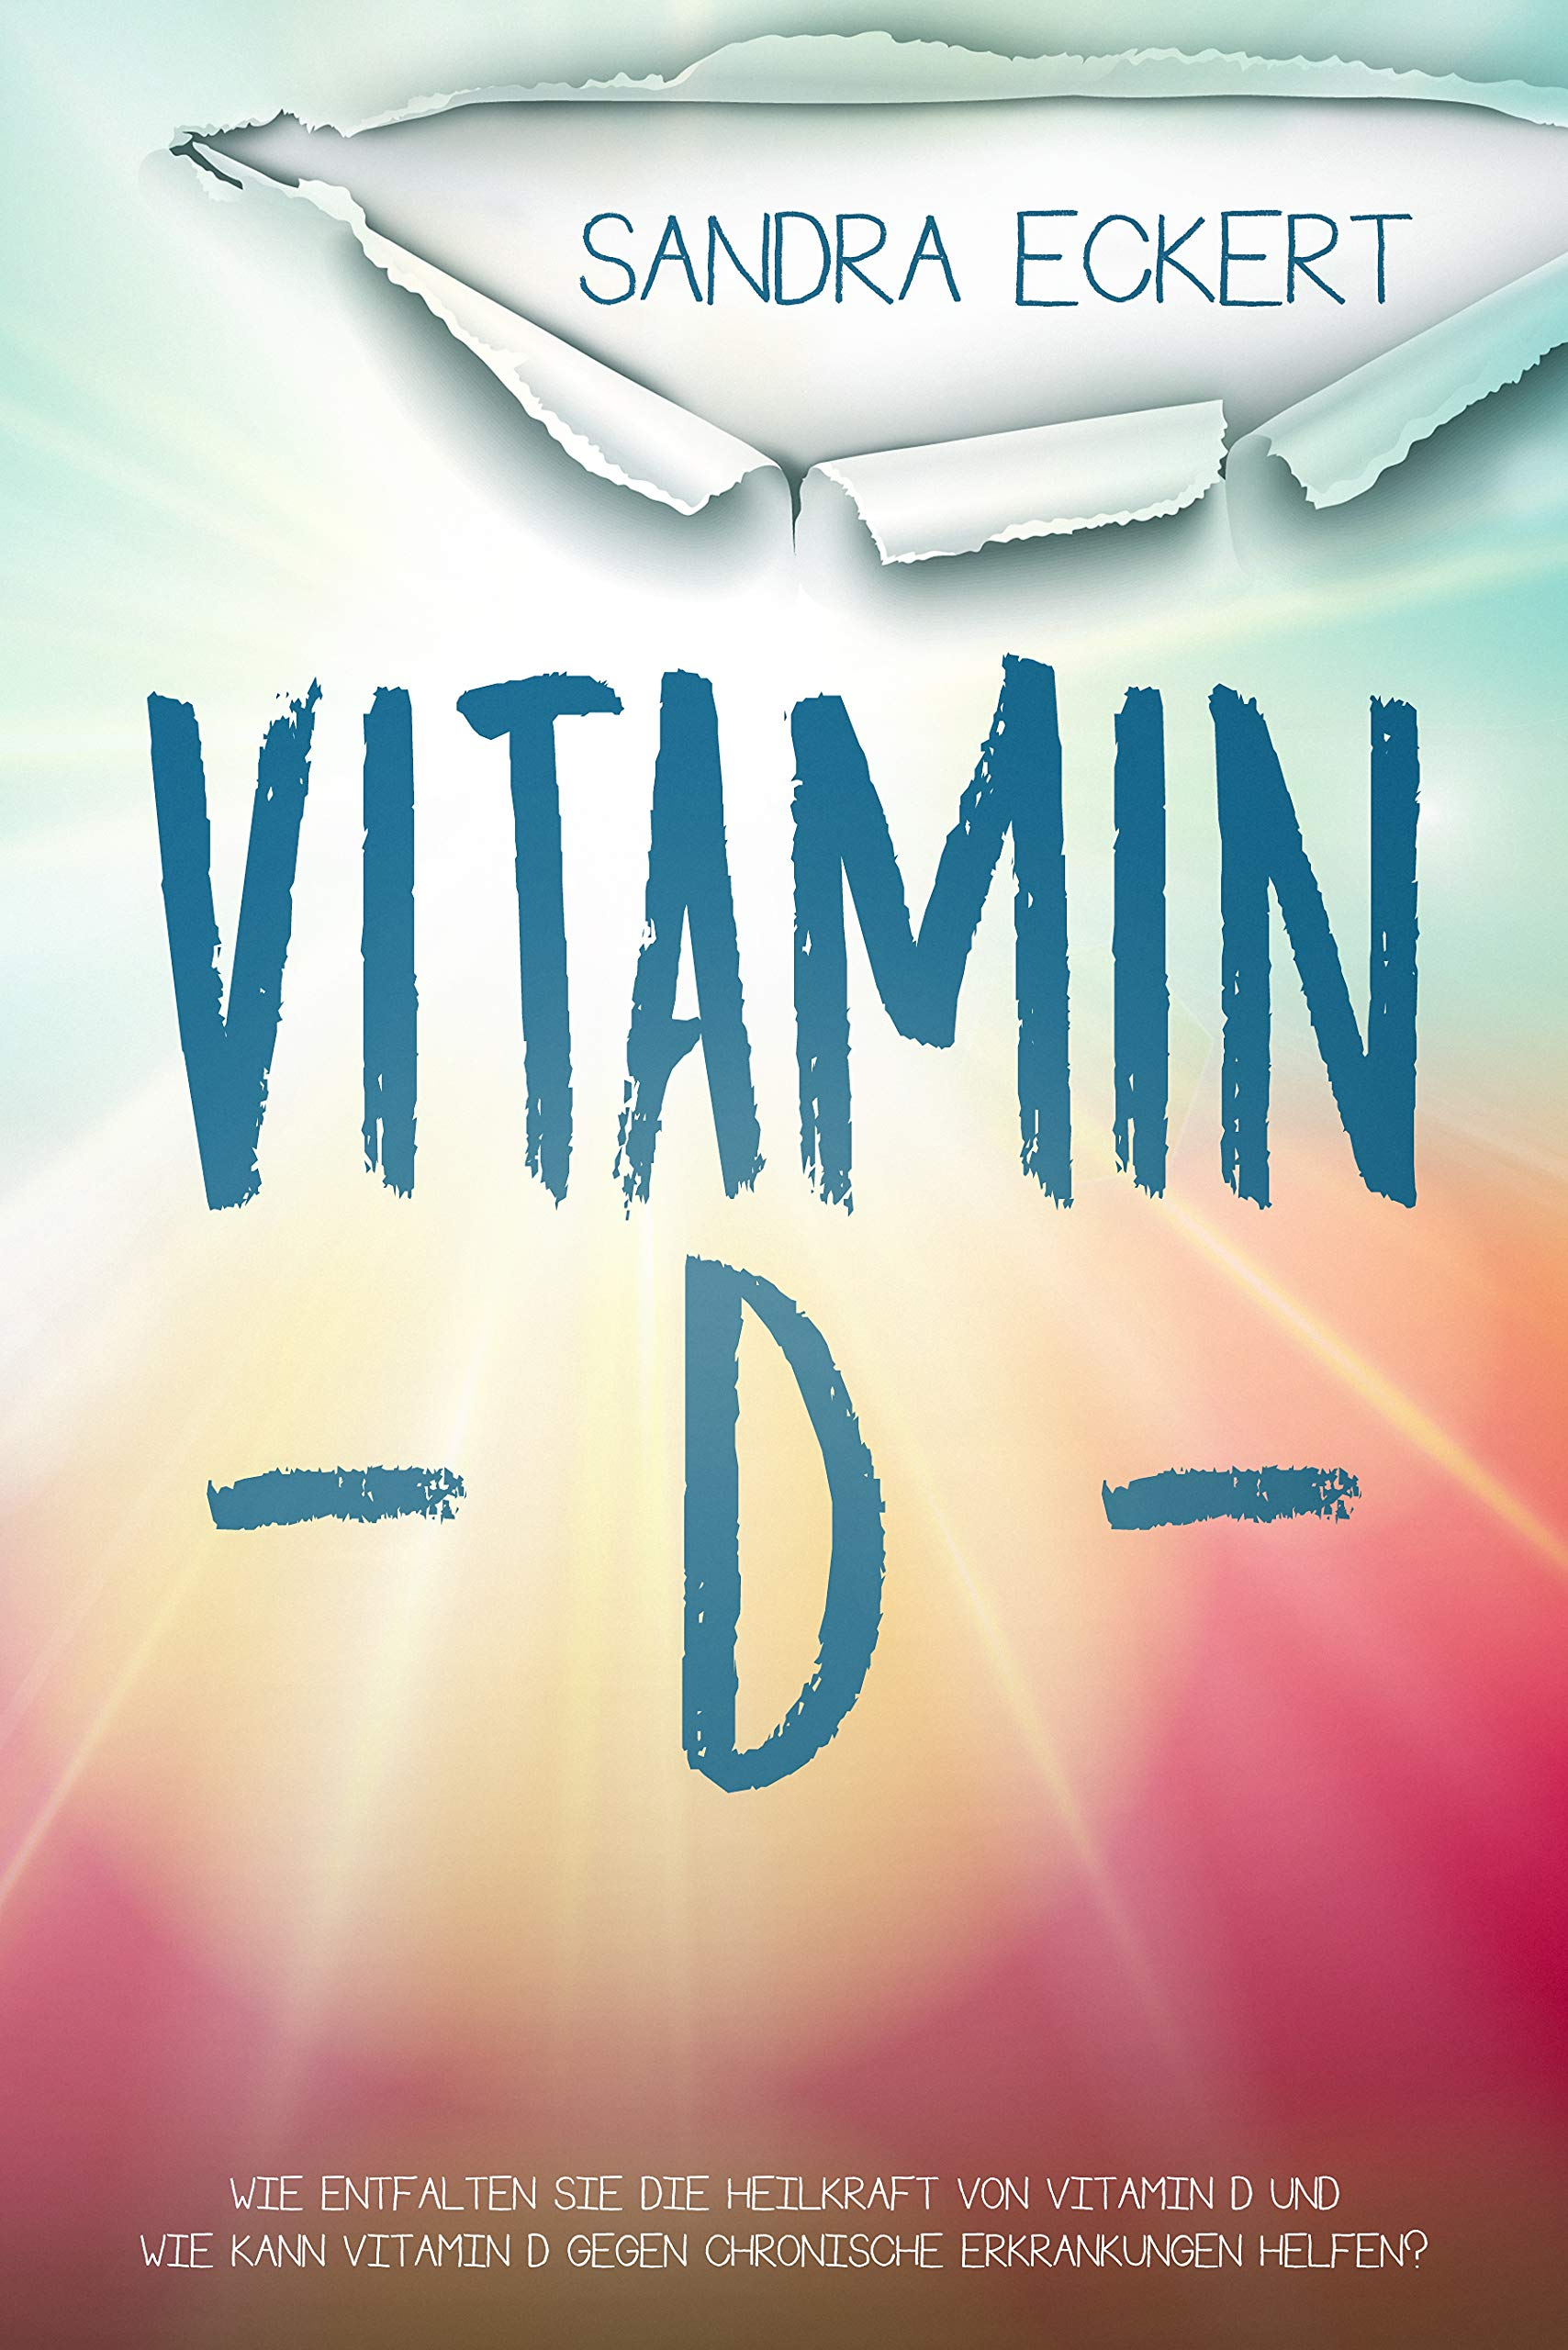 Vitamin D  Wie Entfalten Sie Die Heilkraft Von Vitamin D Und Wie Kann Vitamin D Gegen Chronische Erkrankungen Helfen  Die Sonnenkraft Als Schutzschild  Mentalität Energie Körper Geist And Seele